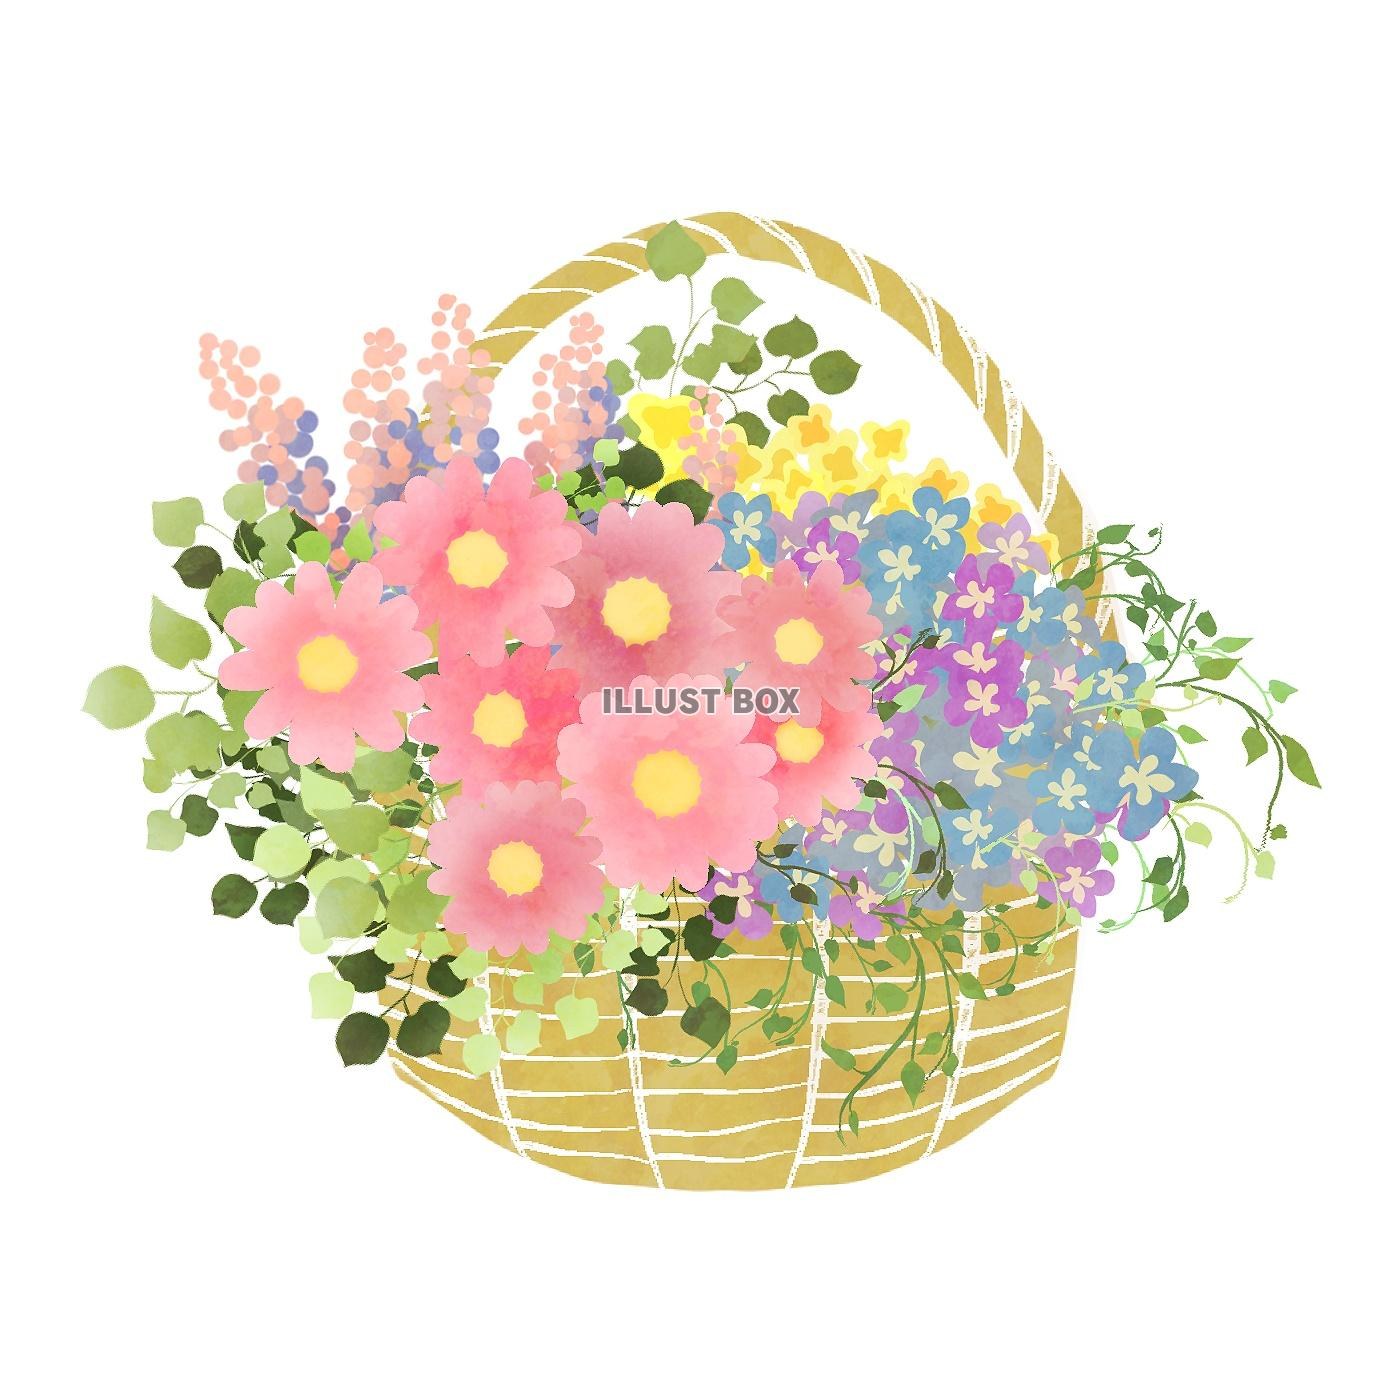 無料イラスト 花かご